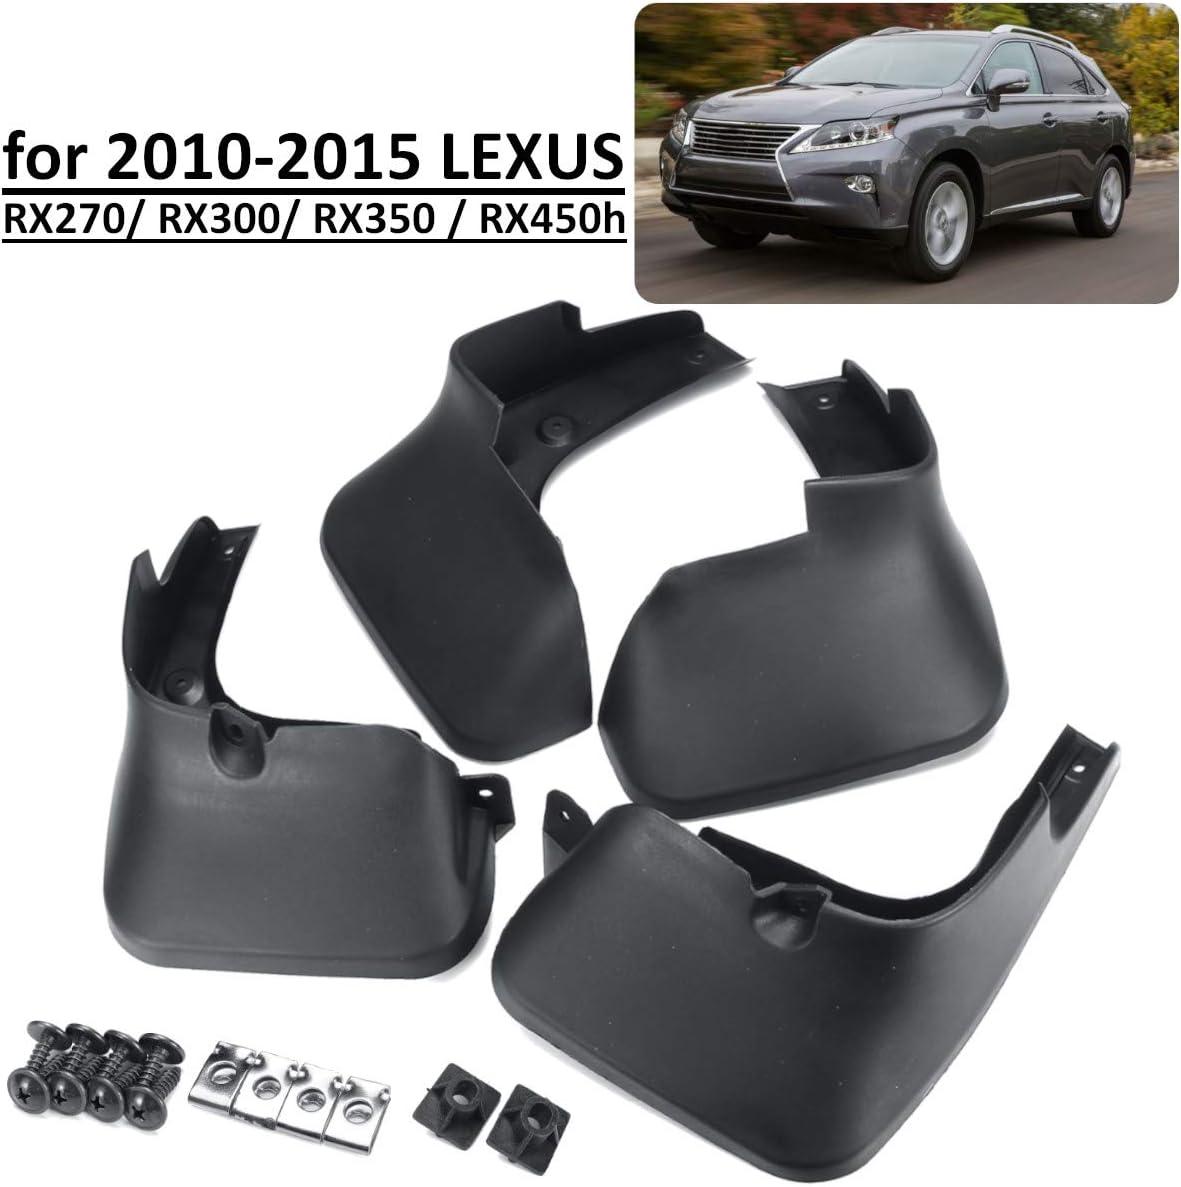 Auto Schmutzf/änger f/ür Lexus RX RX270 RX300 RX350 RX450H 2010-2015 Spritzschutz Schmutzf/änger Kotfl/ügel Zubeh/ör